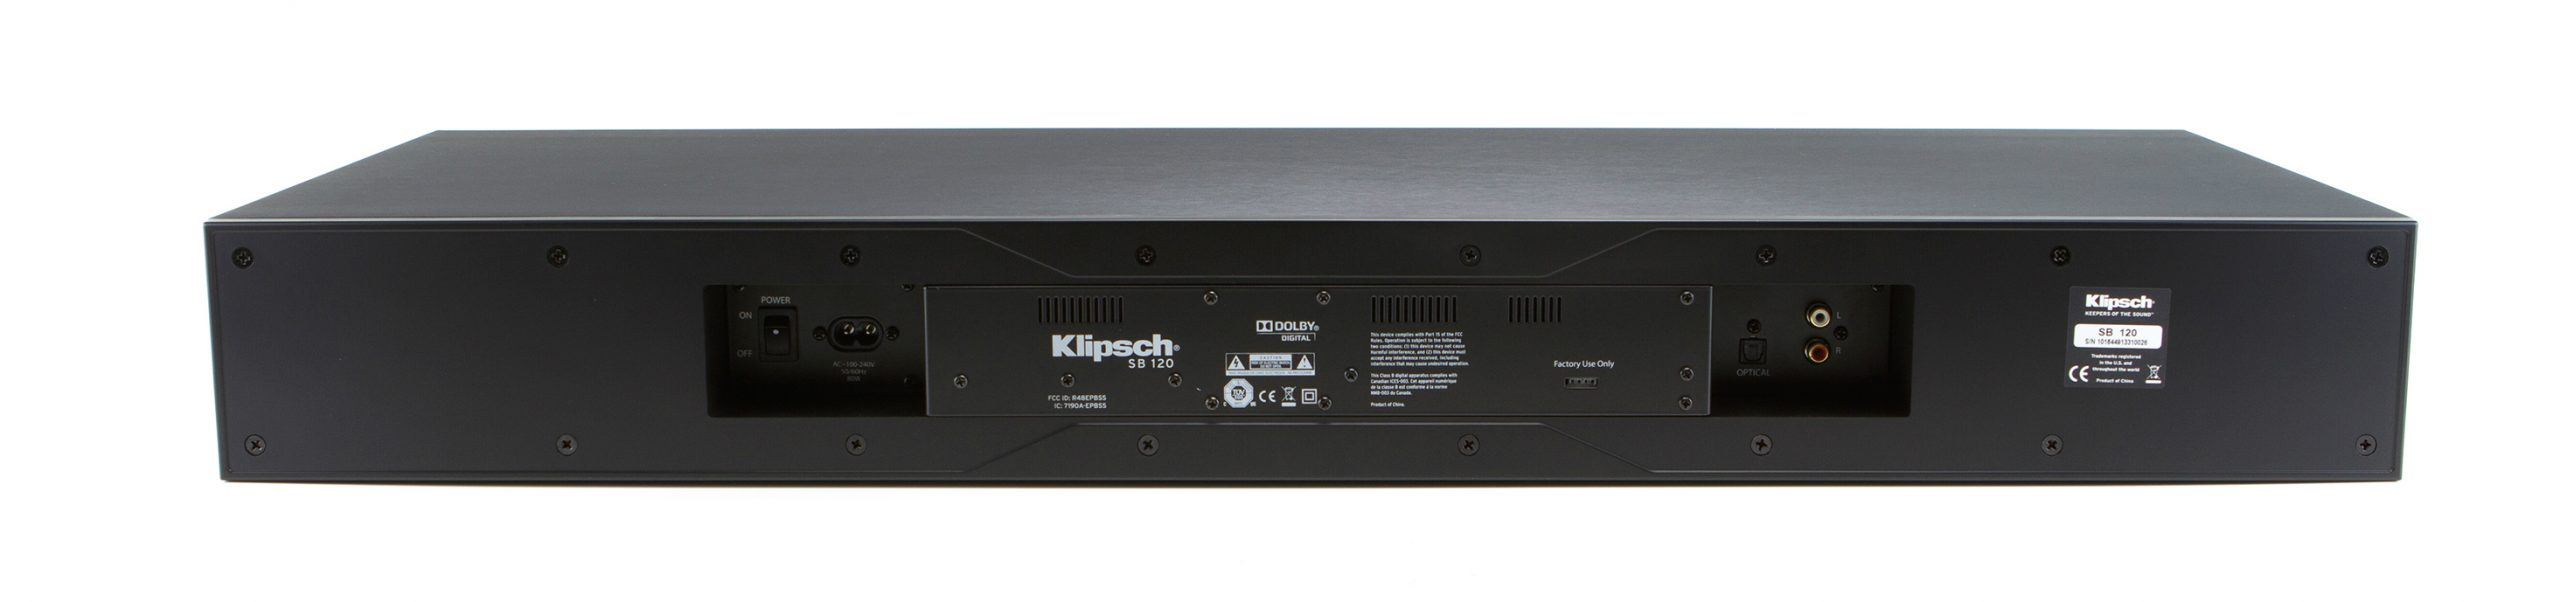 Klipsch SB 120 inputs